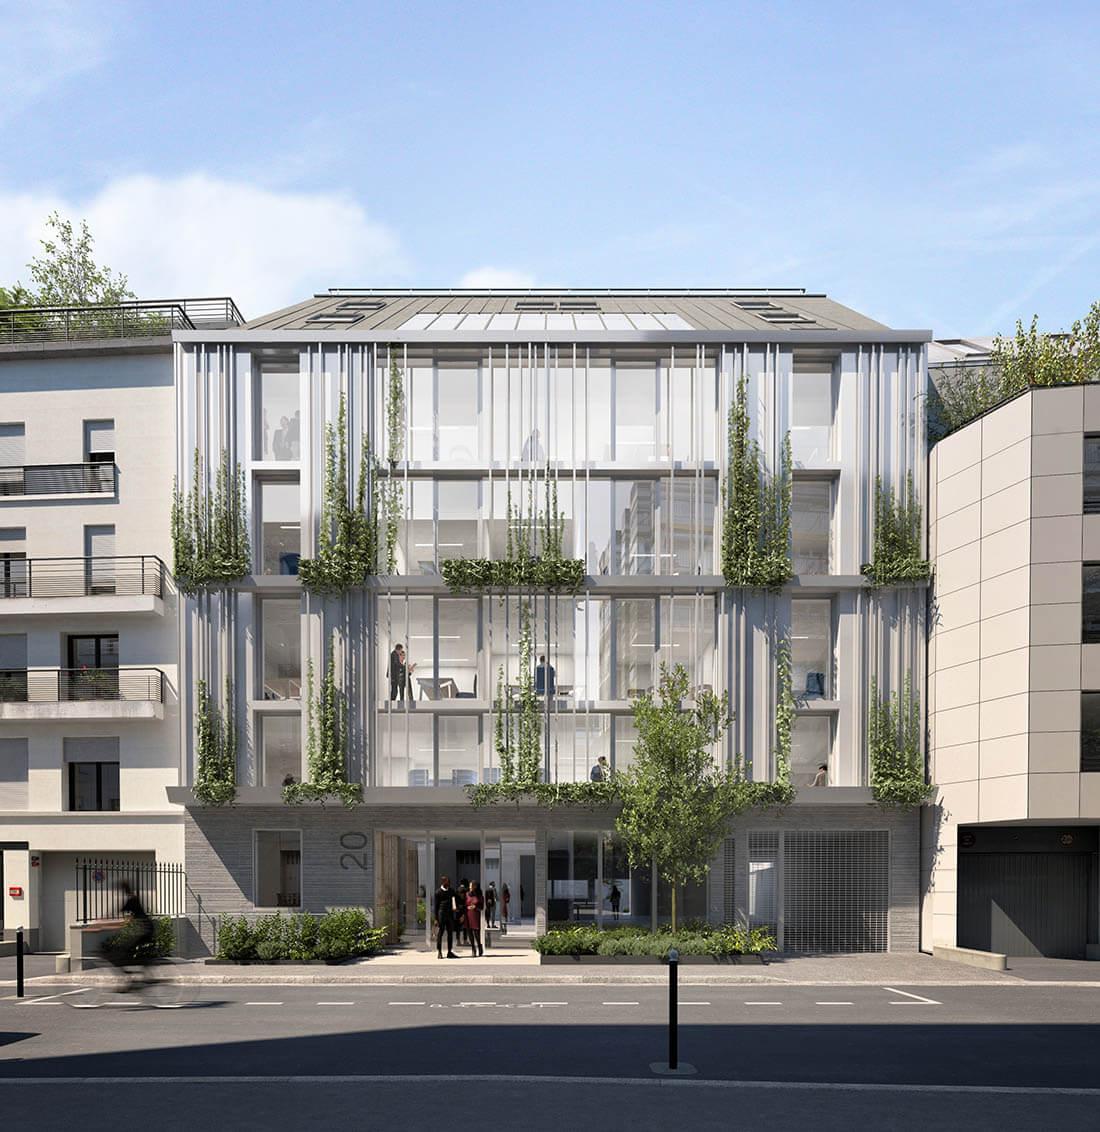 Boulogne-Billancourt_Maud-Caubet-Architectes_01